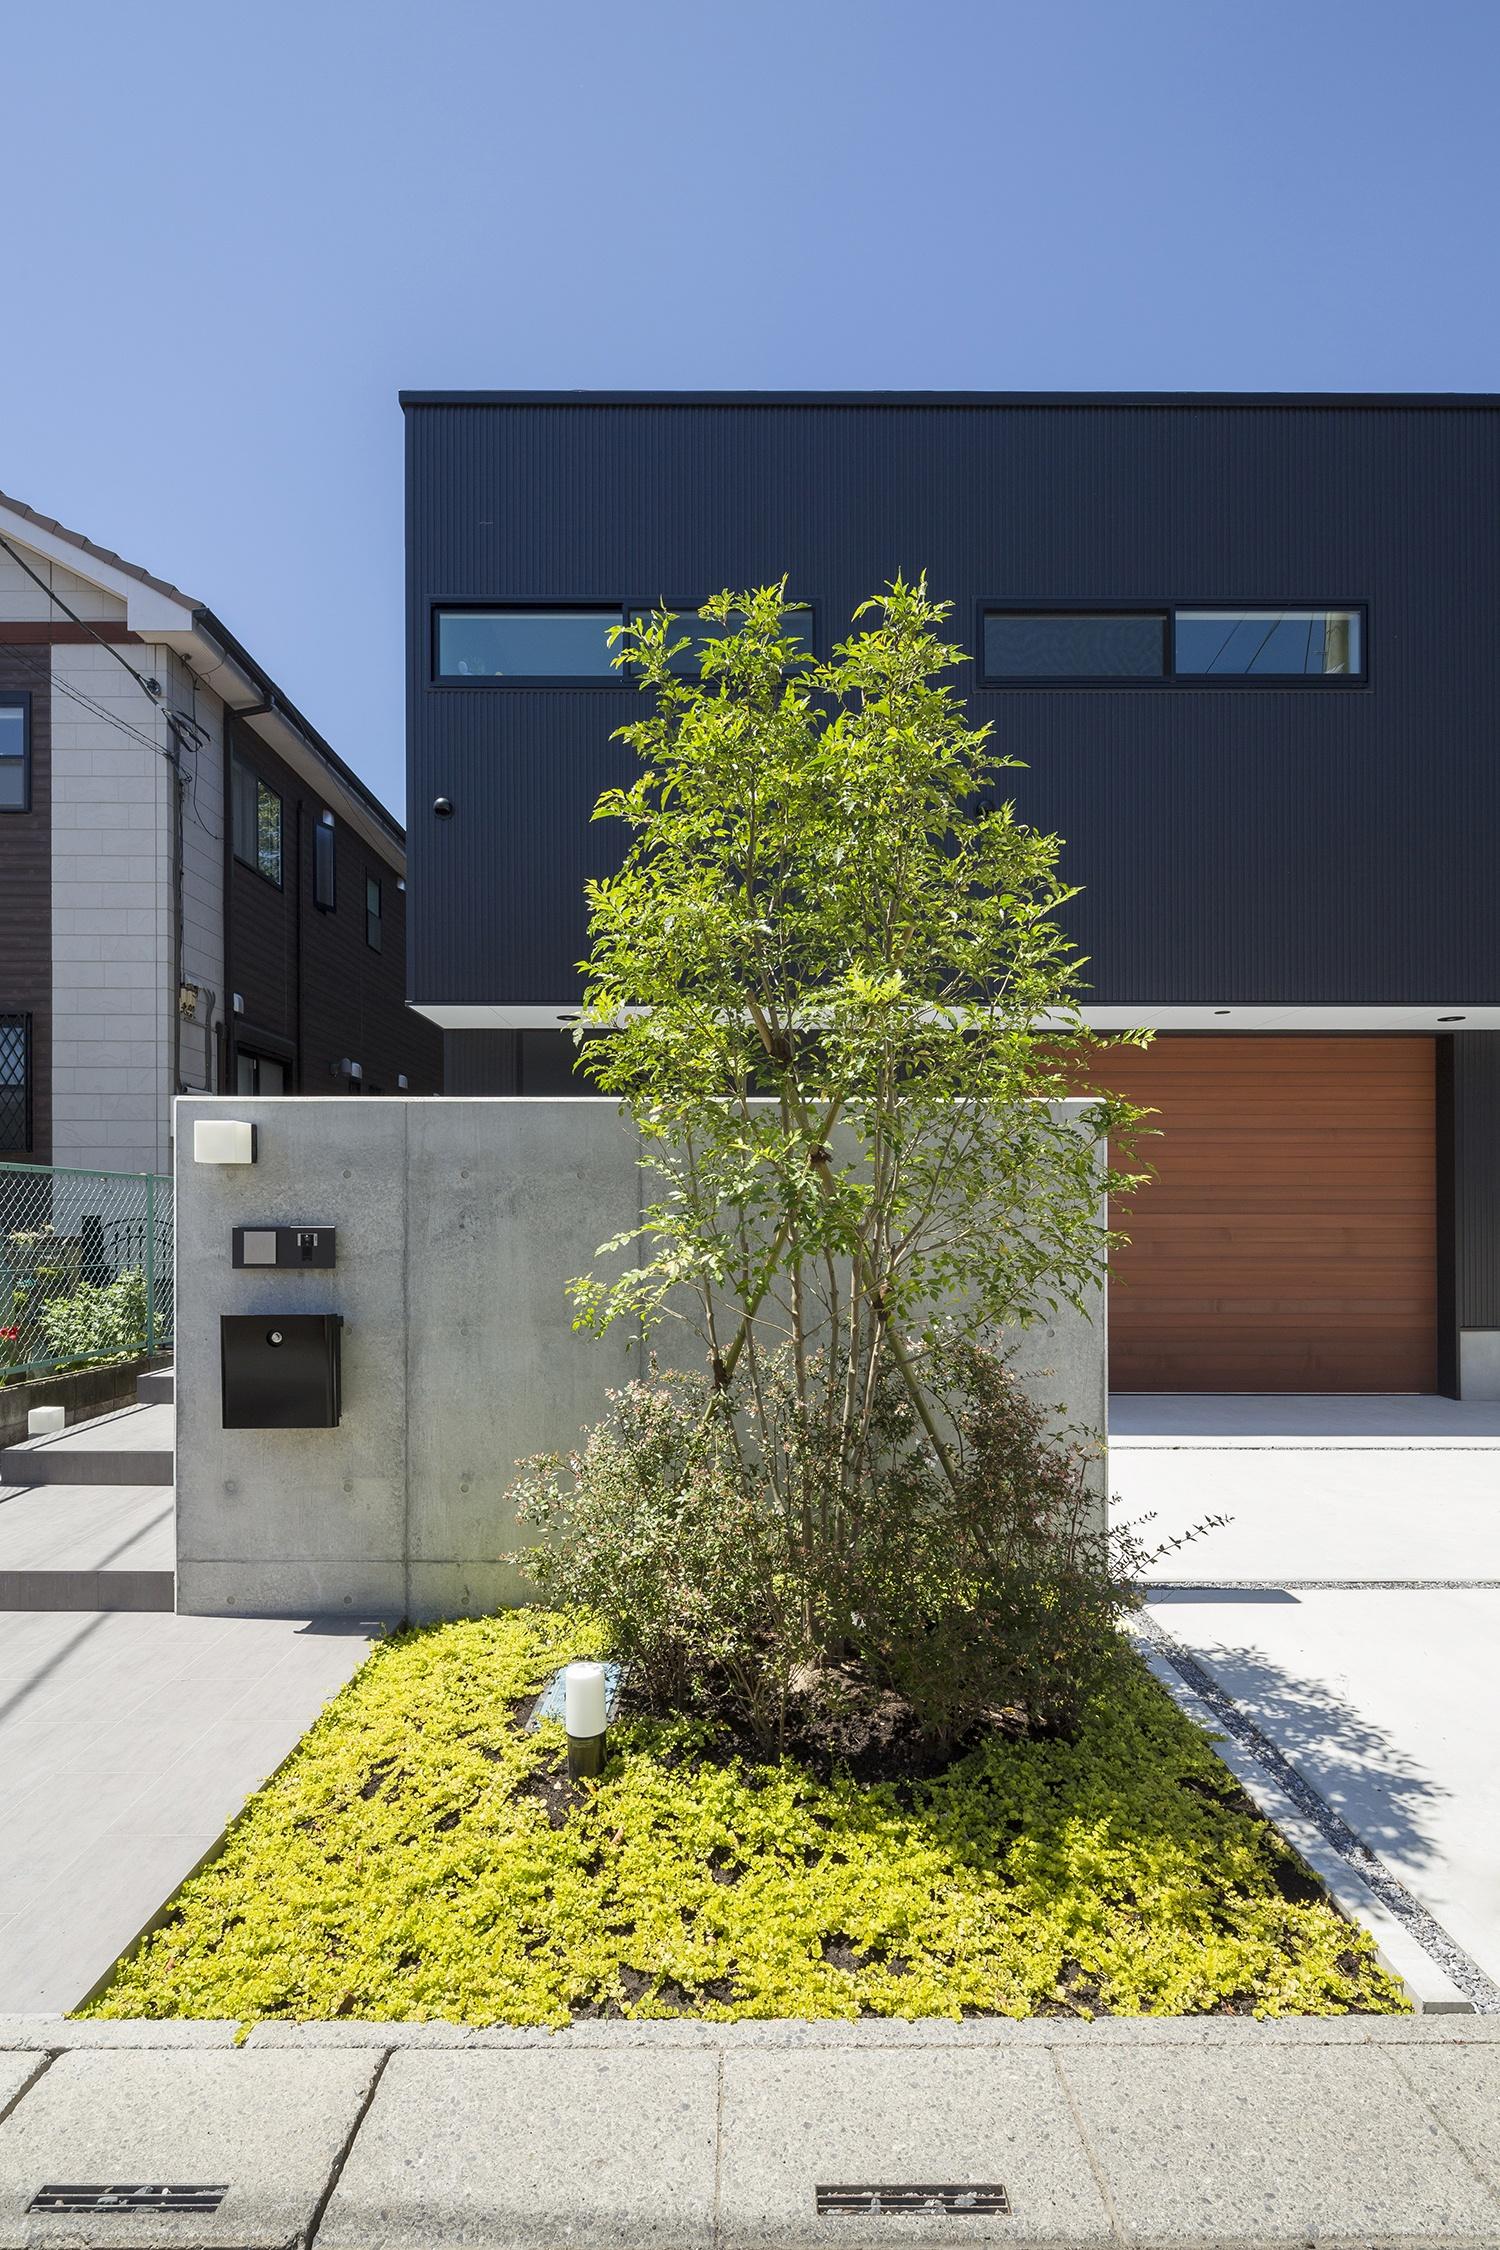 木が植えられたコンクリートの塀の家